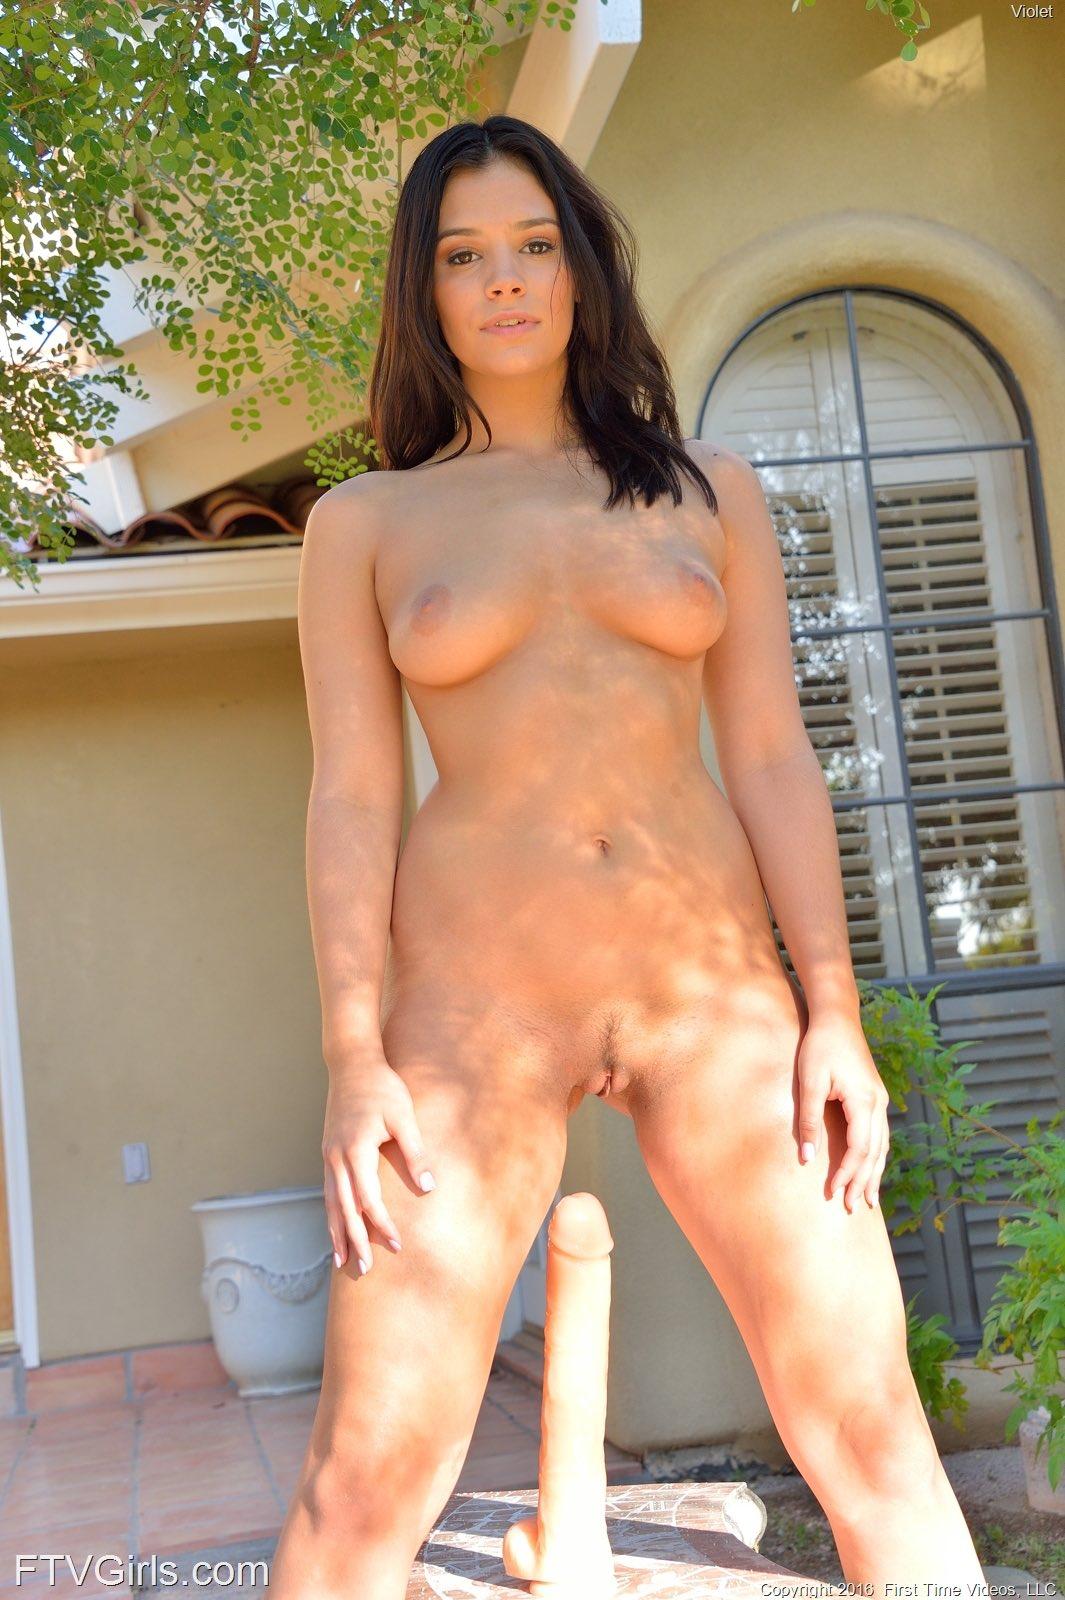 Ftv girl violet nude